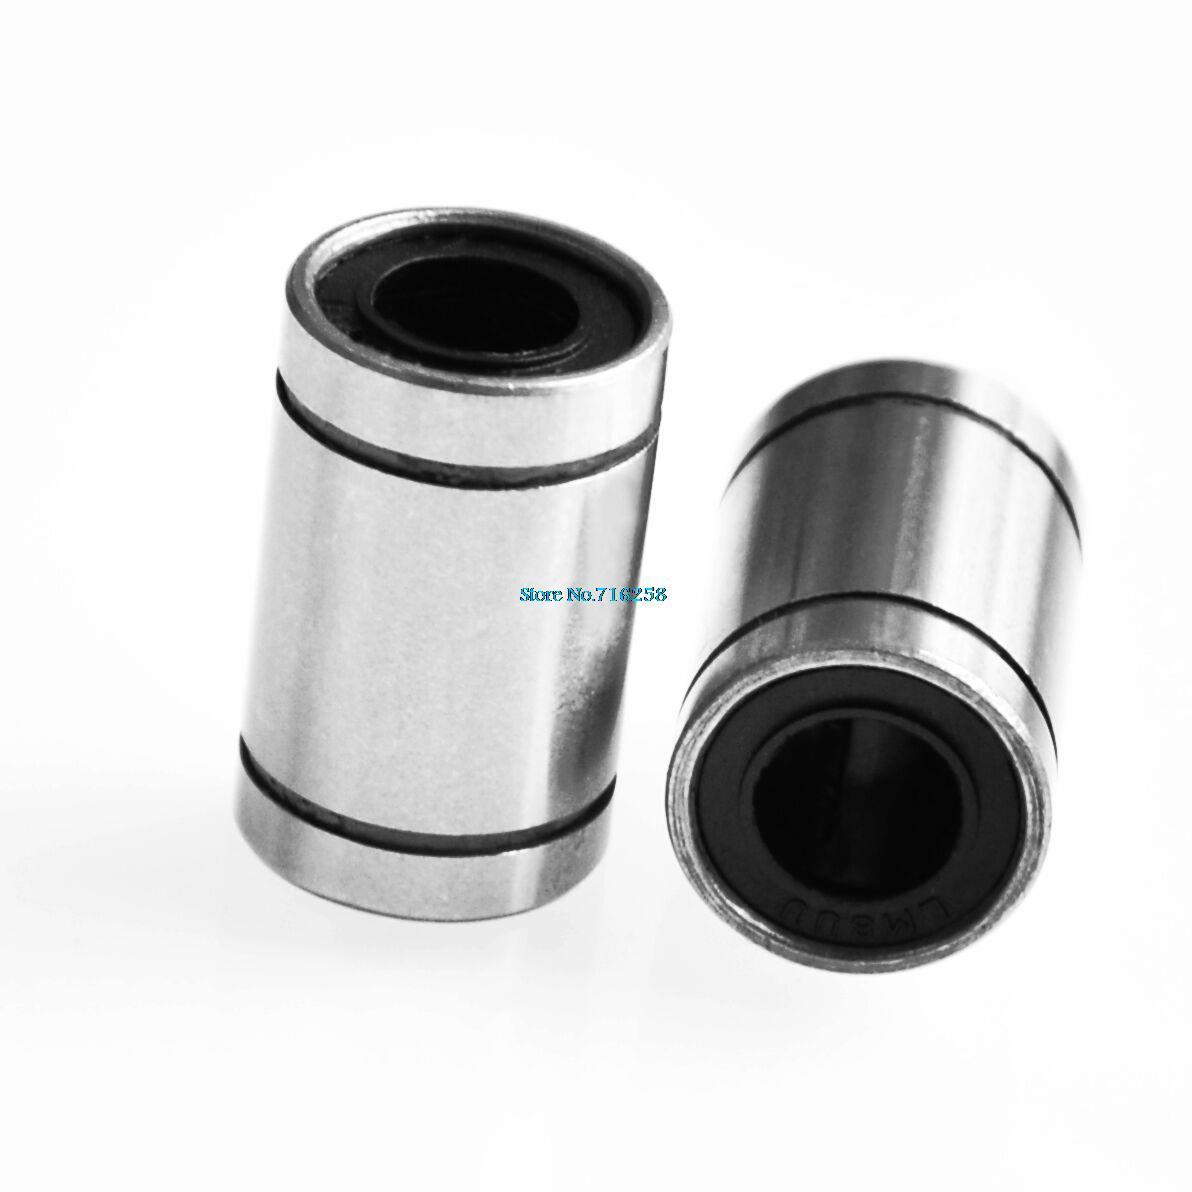 1PC LM8UU 8mm Shaft CNC Linear Bearing Ball Bushing 8x15x24mm For 3D Printer New